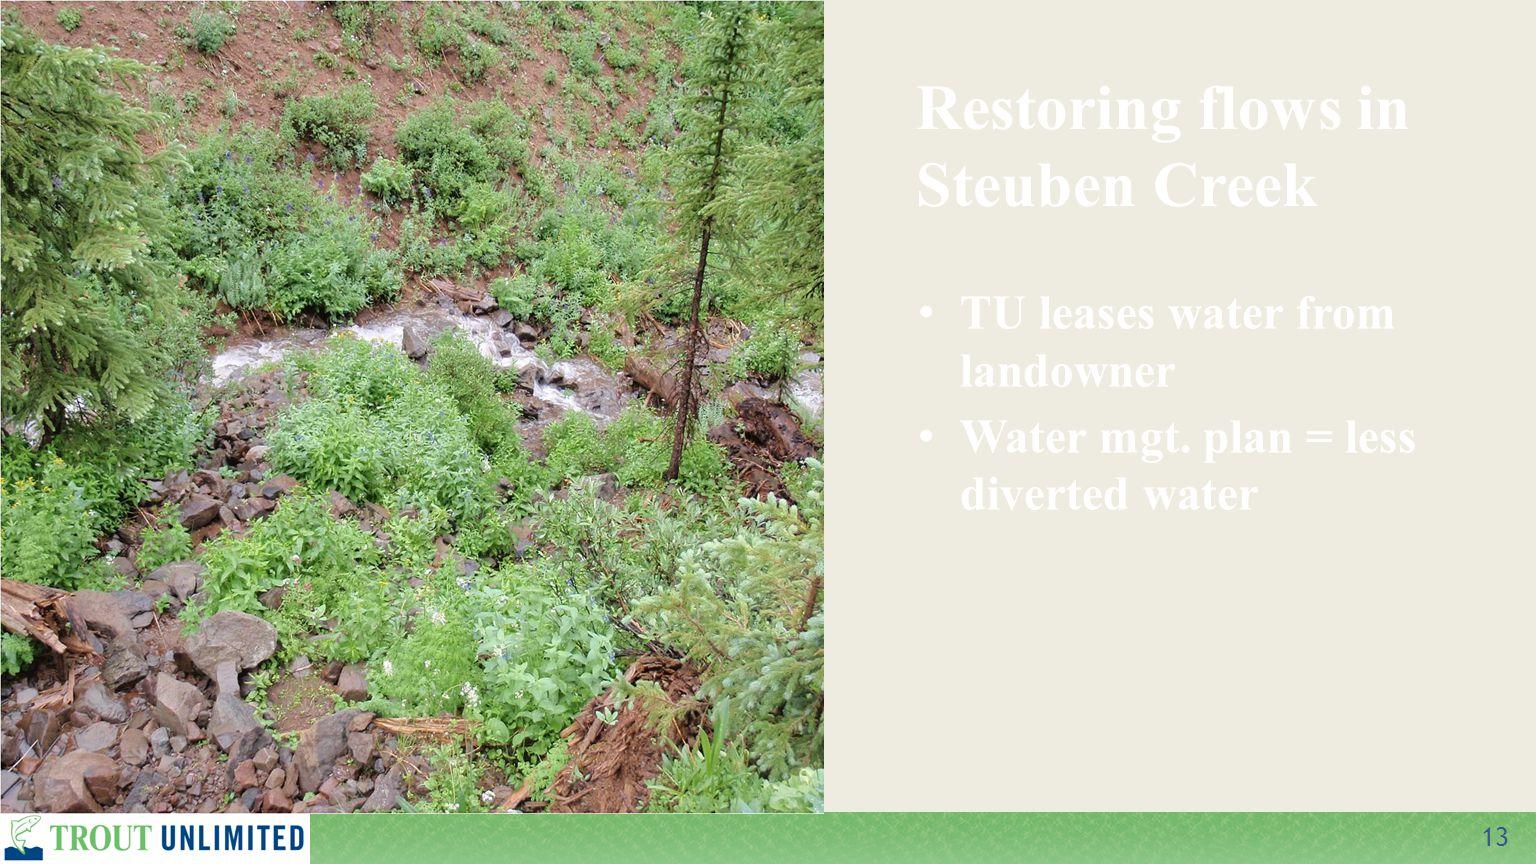 13 TU leases water from landowner Water mgt. plan = less diverted water Restoring flows in Steuben Creek